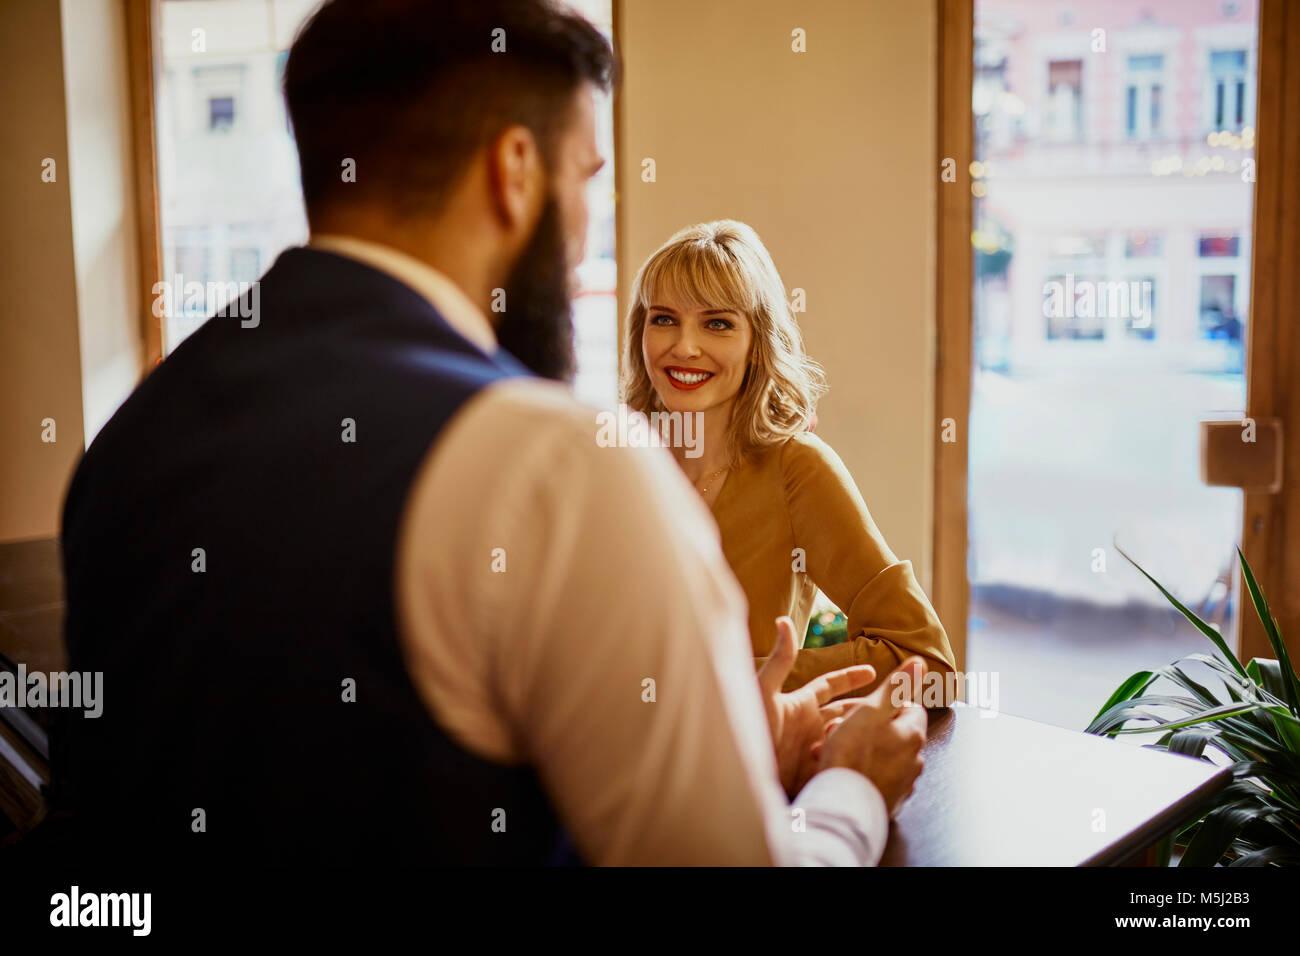 Eleganti Donna sorridente all uomo in un bar Immagini Stock